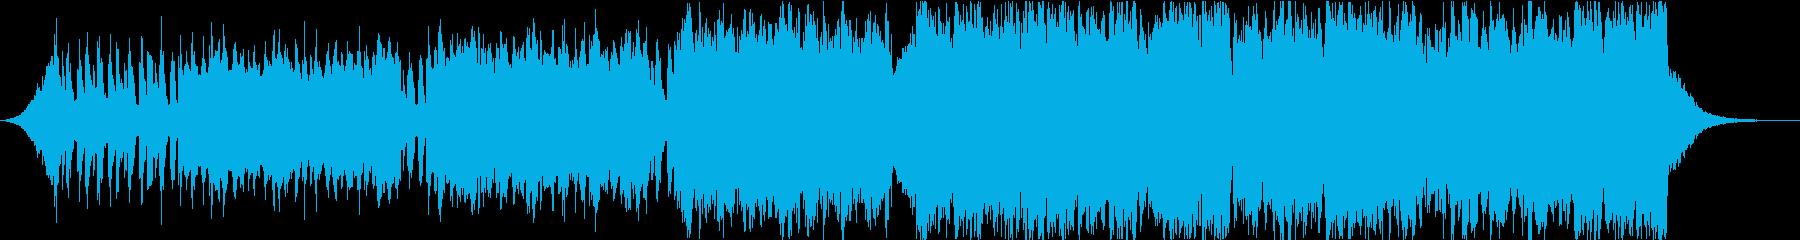 艶やかなバイオリンのBGM 企業B23 の再生済みの波形